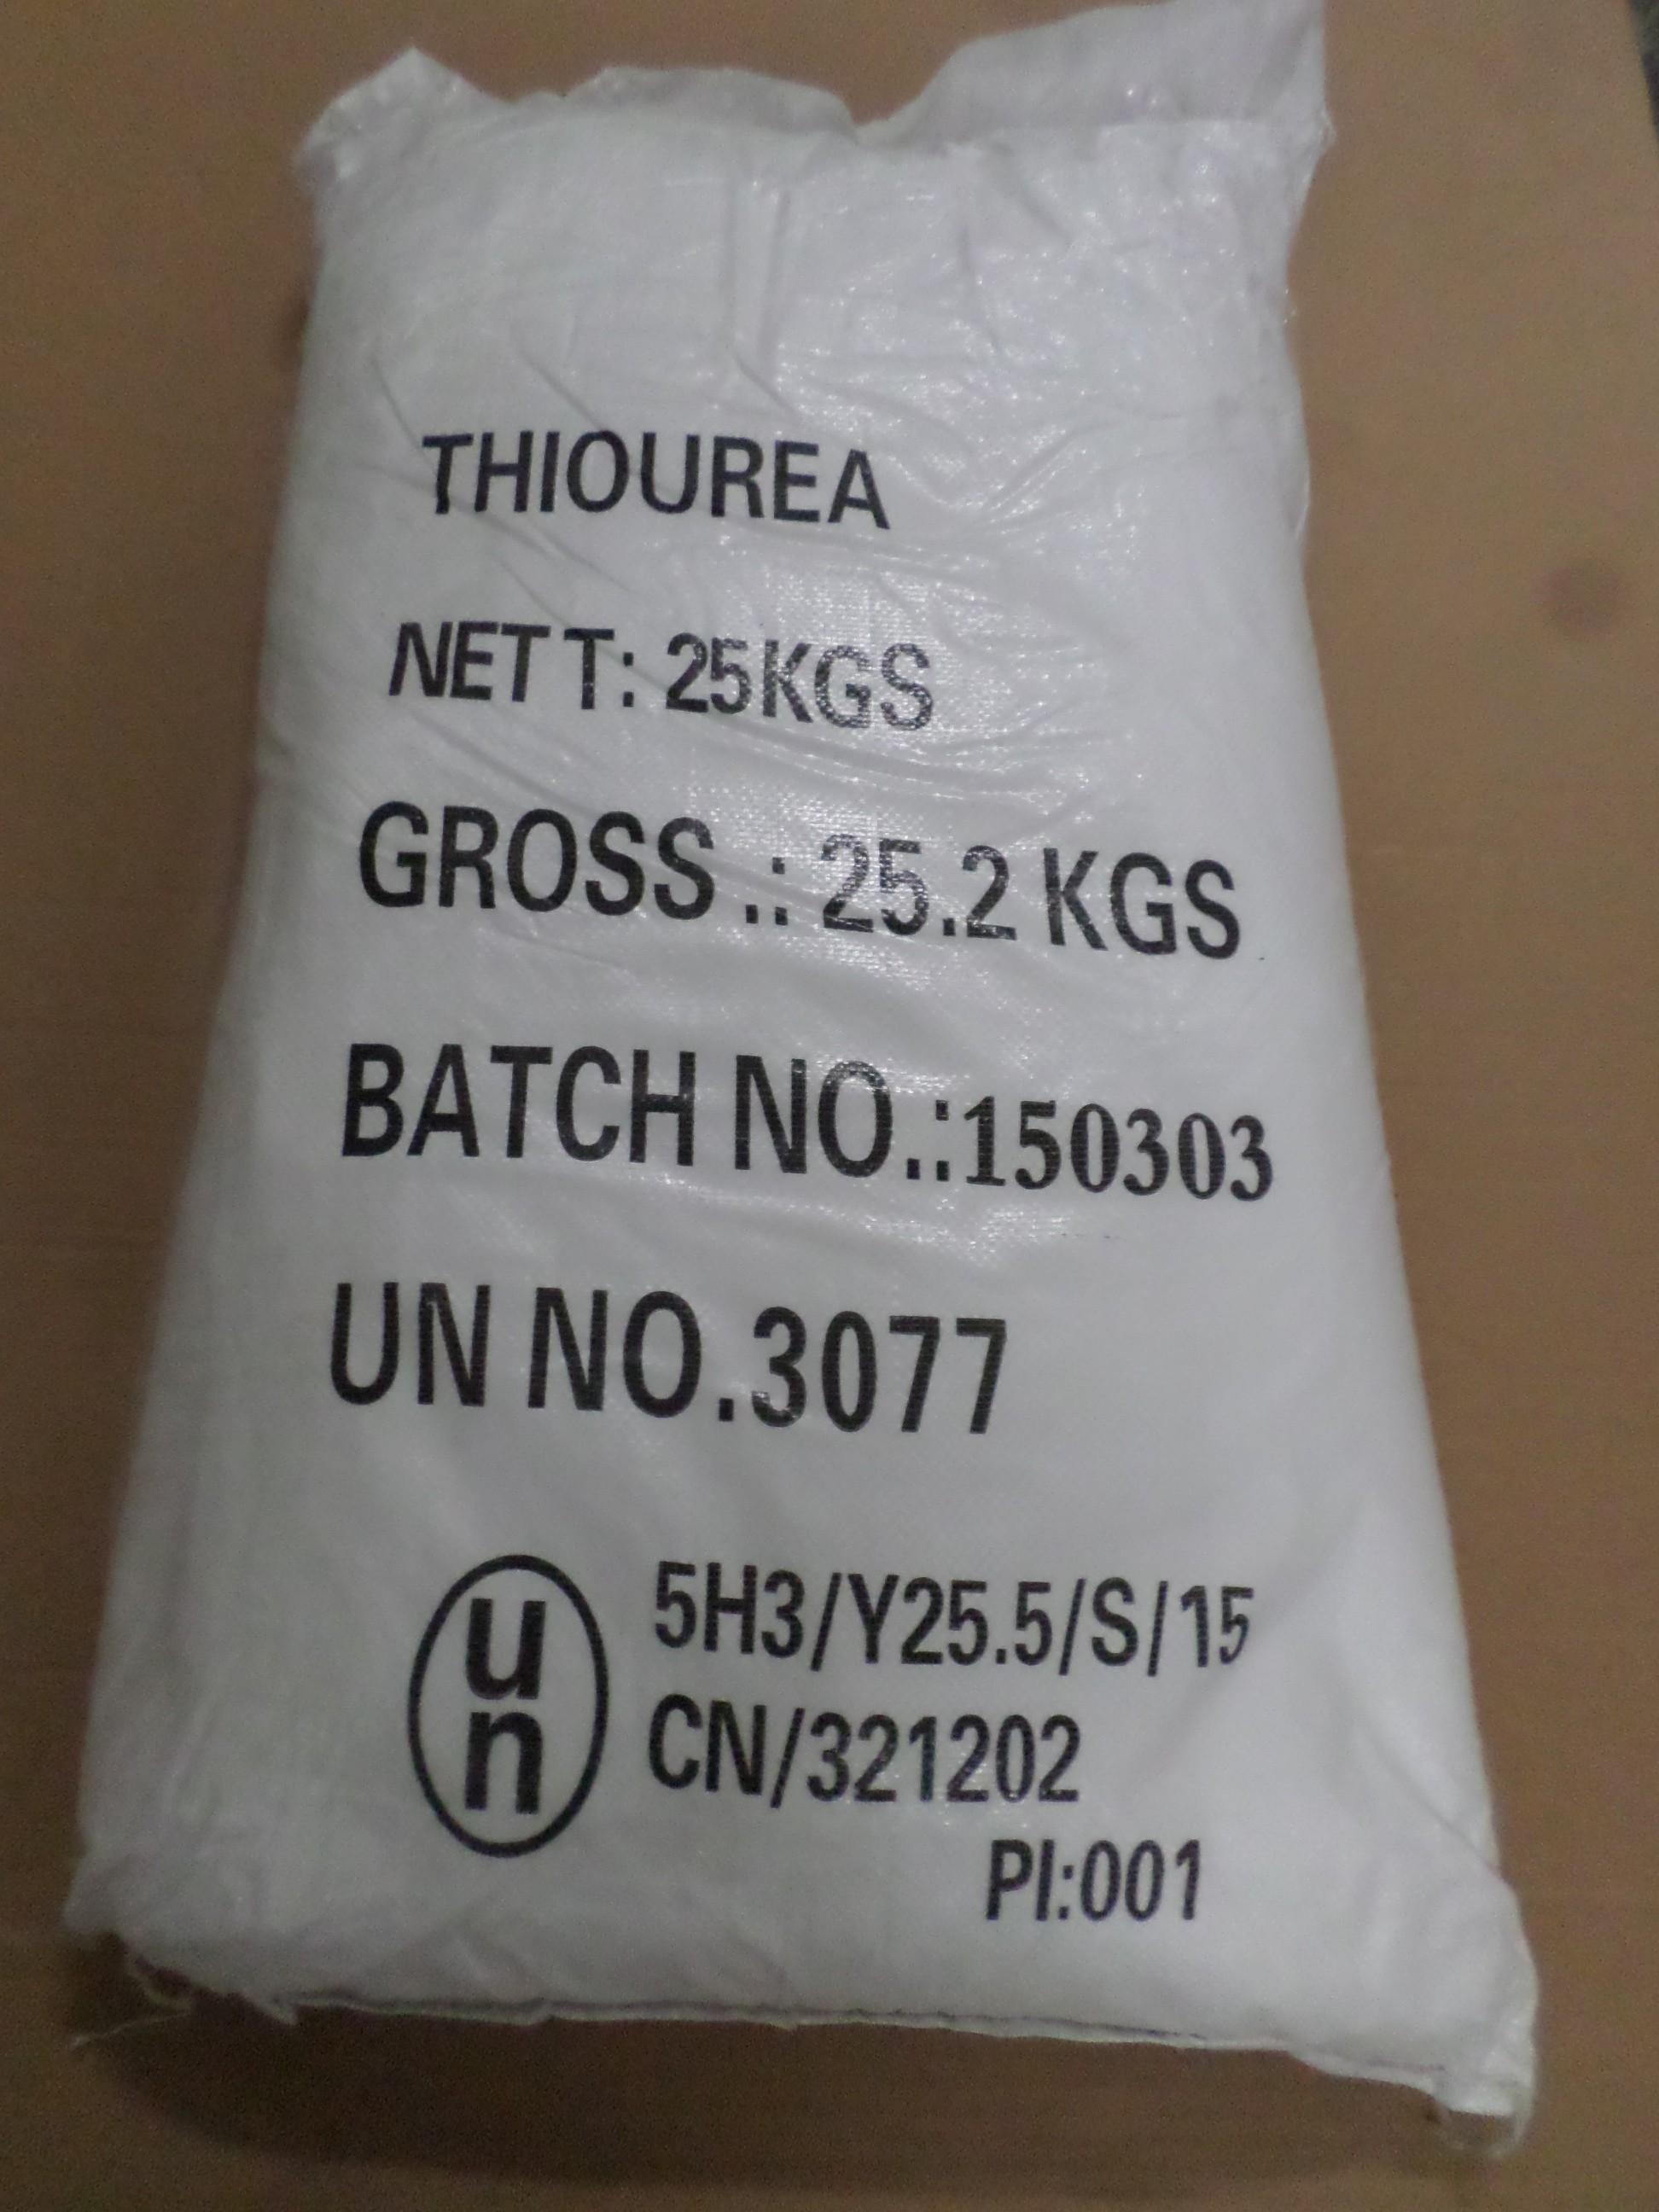 Thiourea - Thiourée